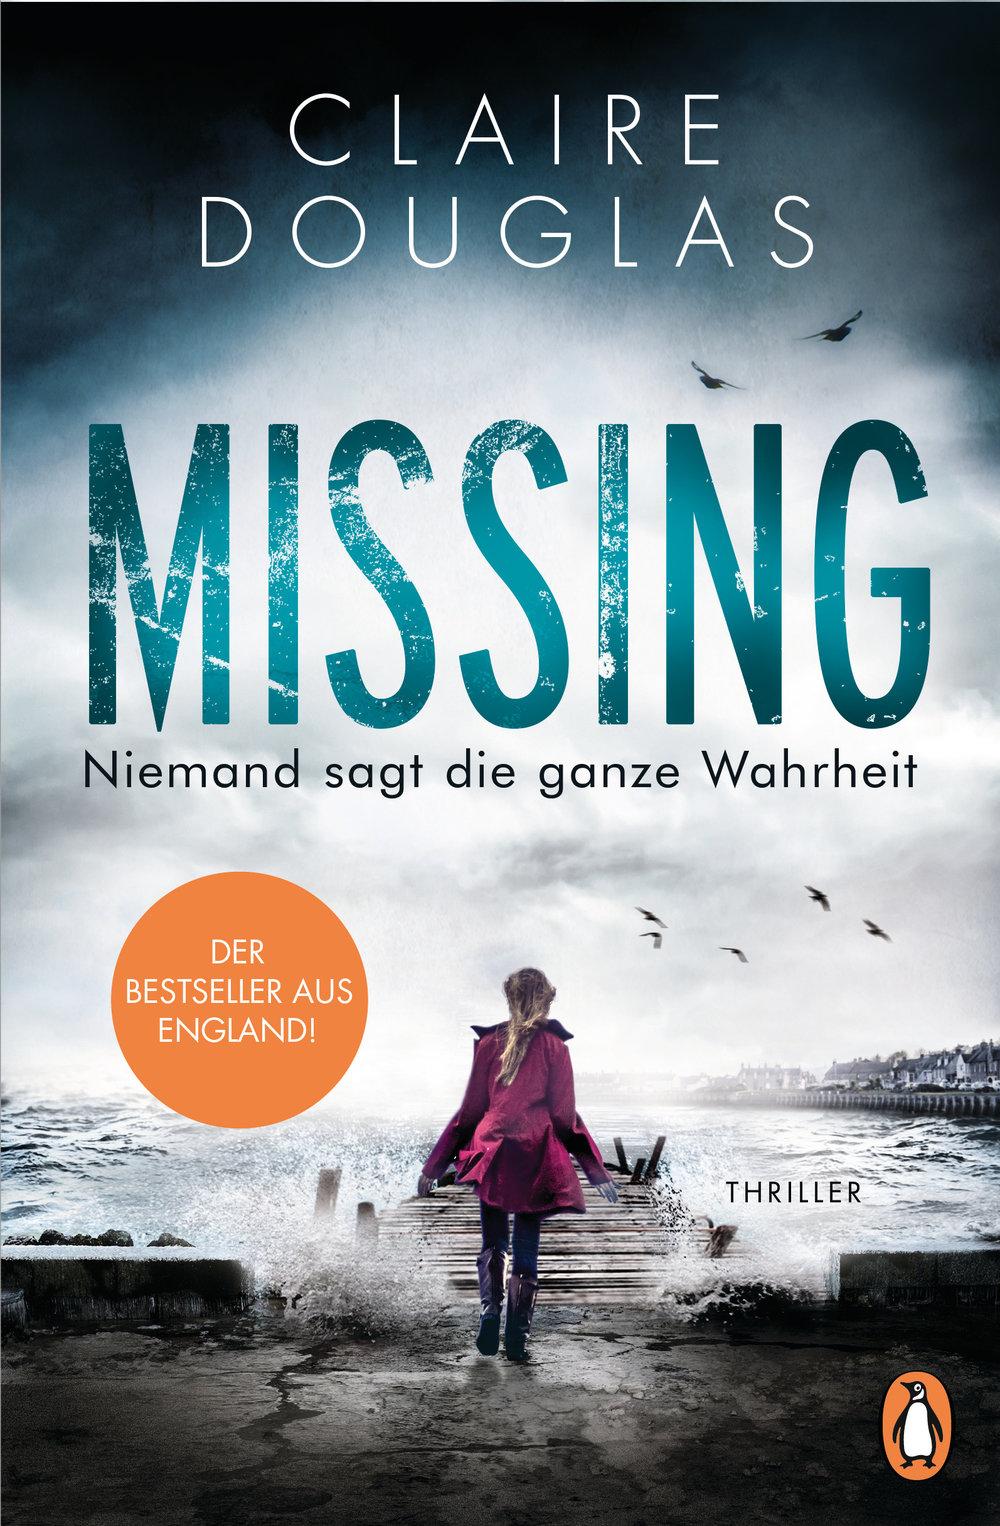 Titel: Missing. Niemand sagt die ganze Wahrheit  AutorIn: Claire Douglas  Verlag:  Penguin Verlag (hier kaufen!)   Preis: 13,00 Euro  ISBN:978-3-328-10169-7